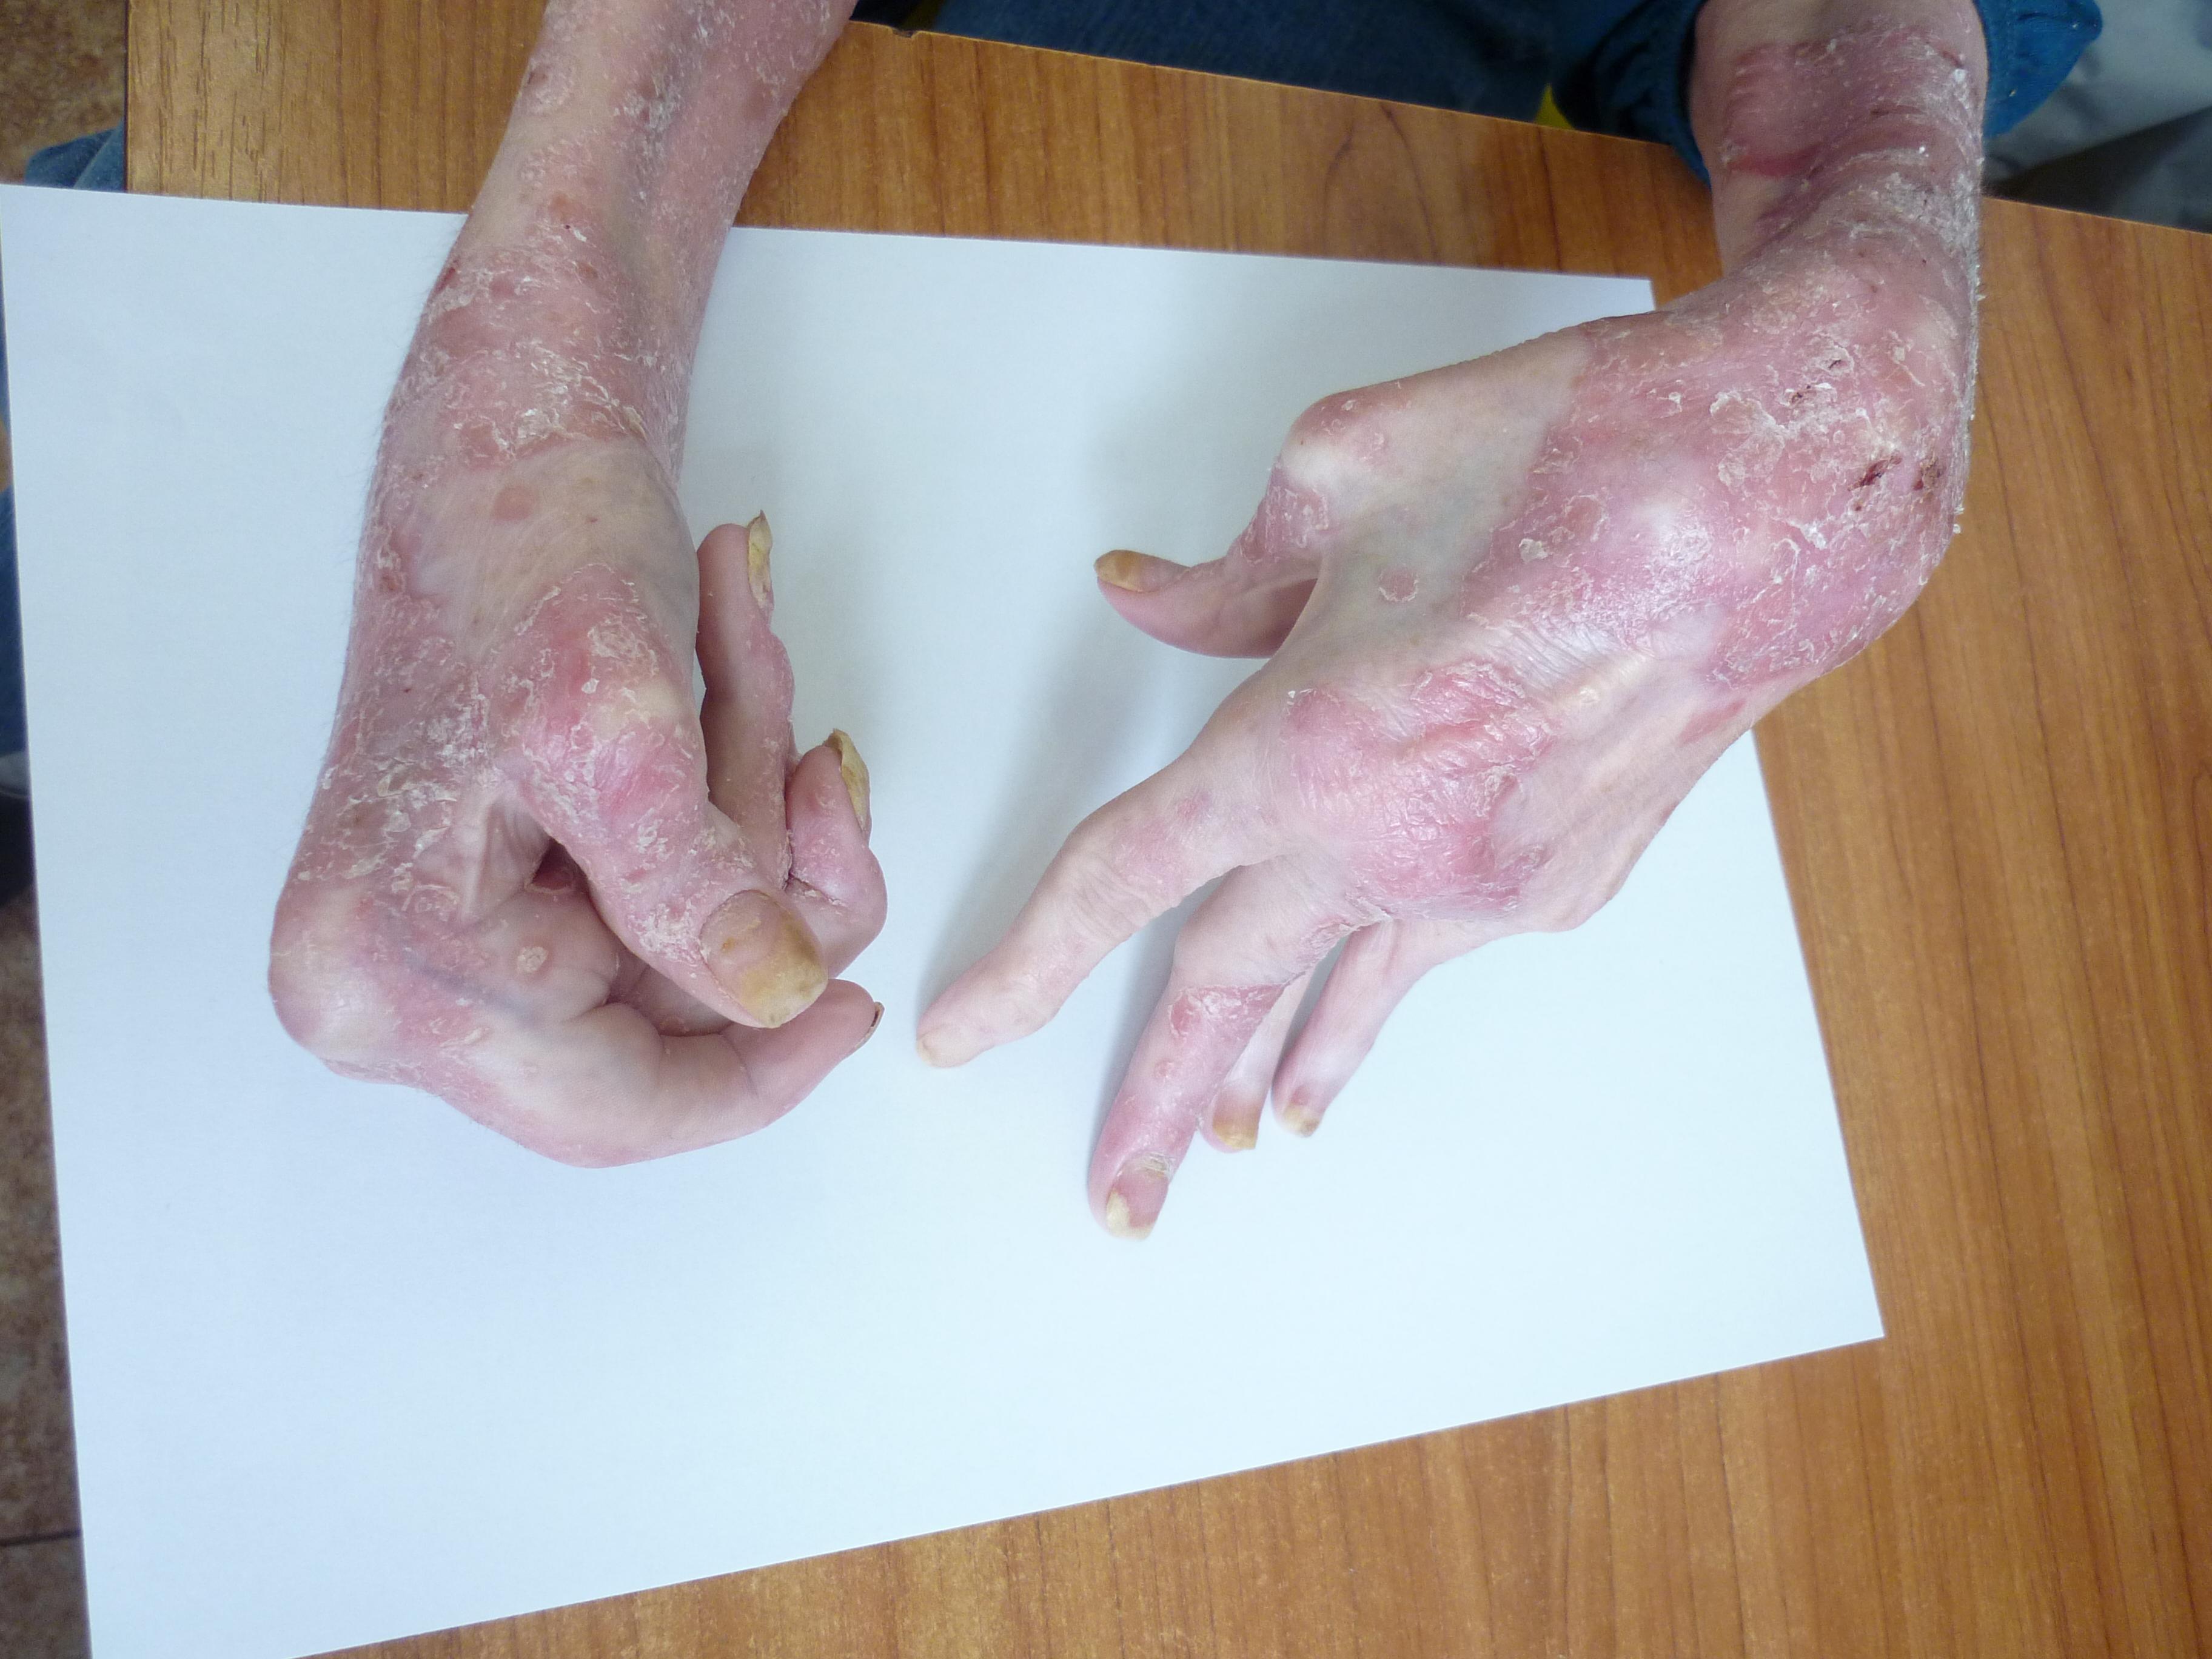 Mutilující postižení kloubů u pacienta s PsA